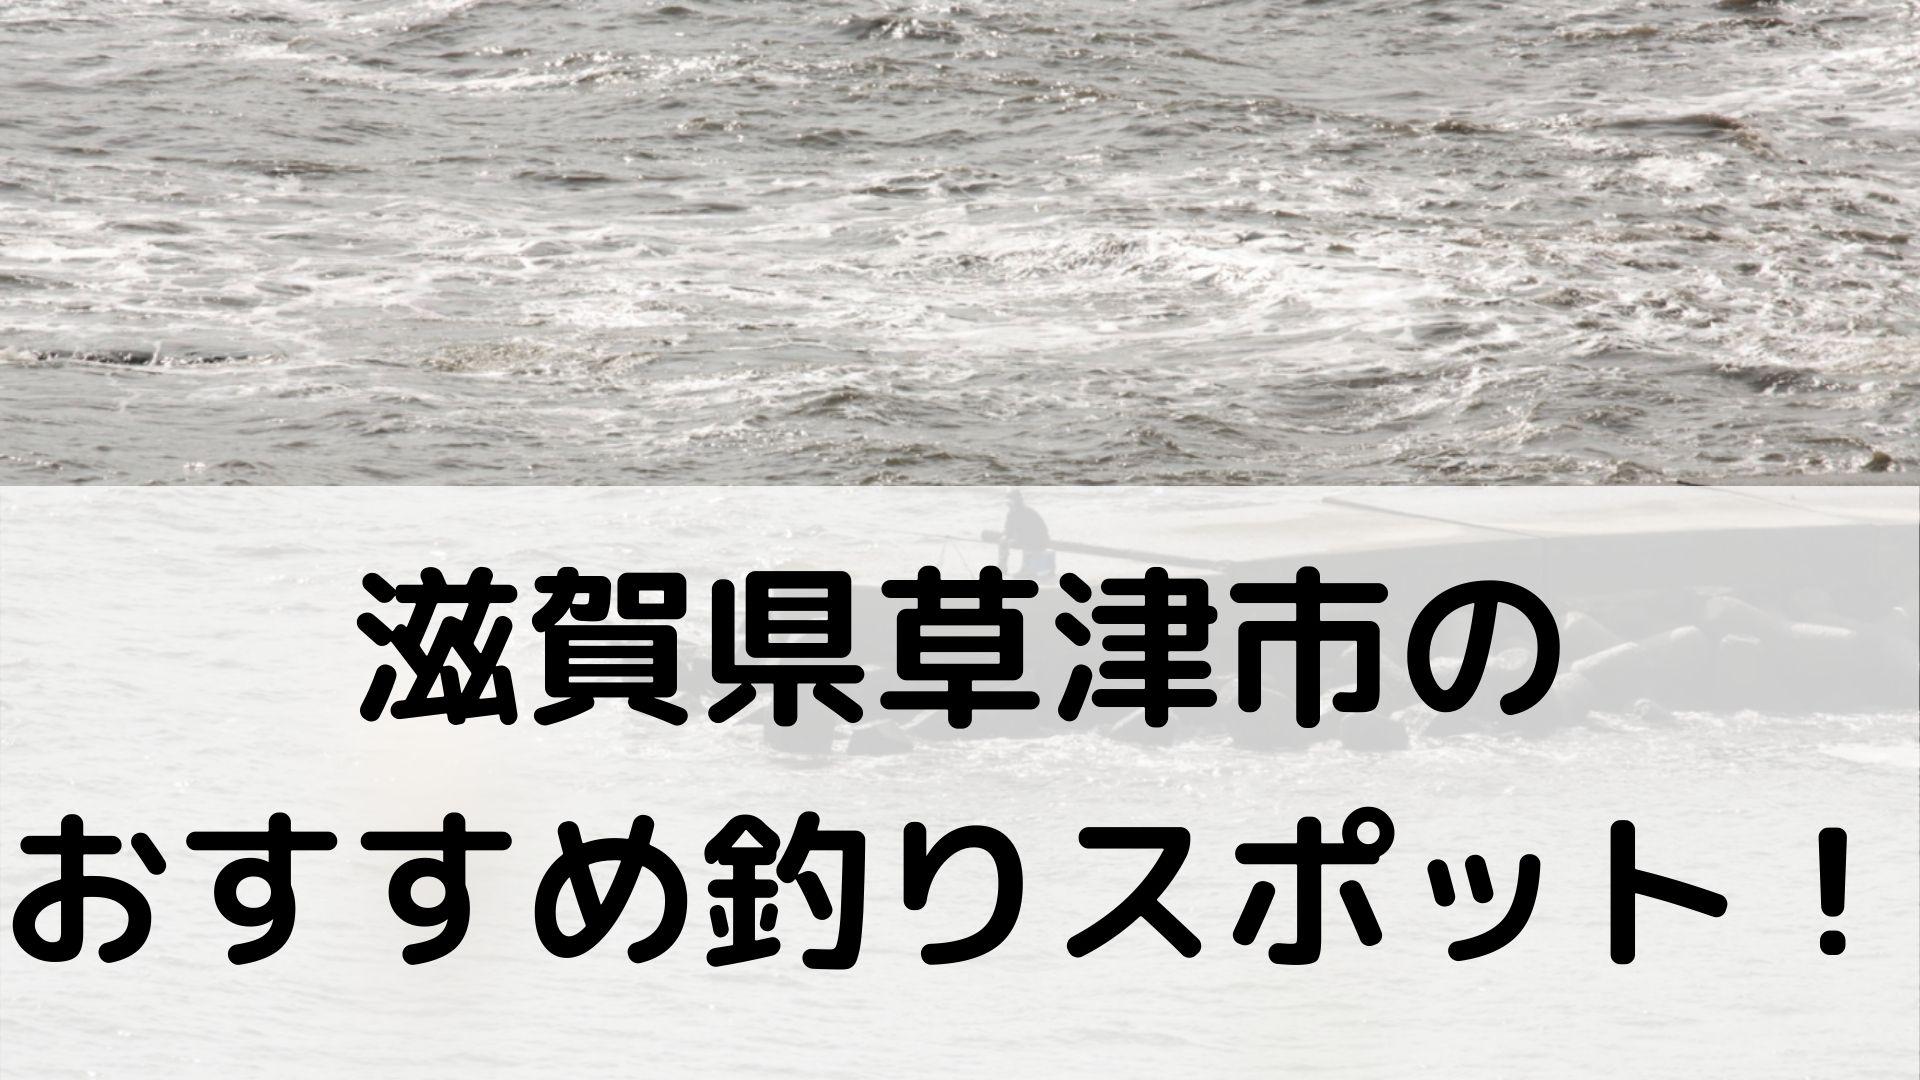 滋賀県草津市のおすすめ釣りスポットに関する参考画像